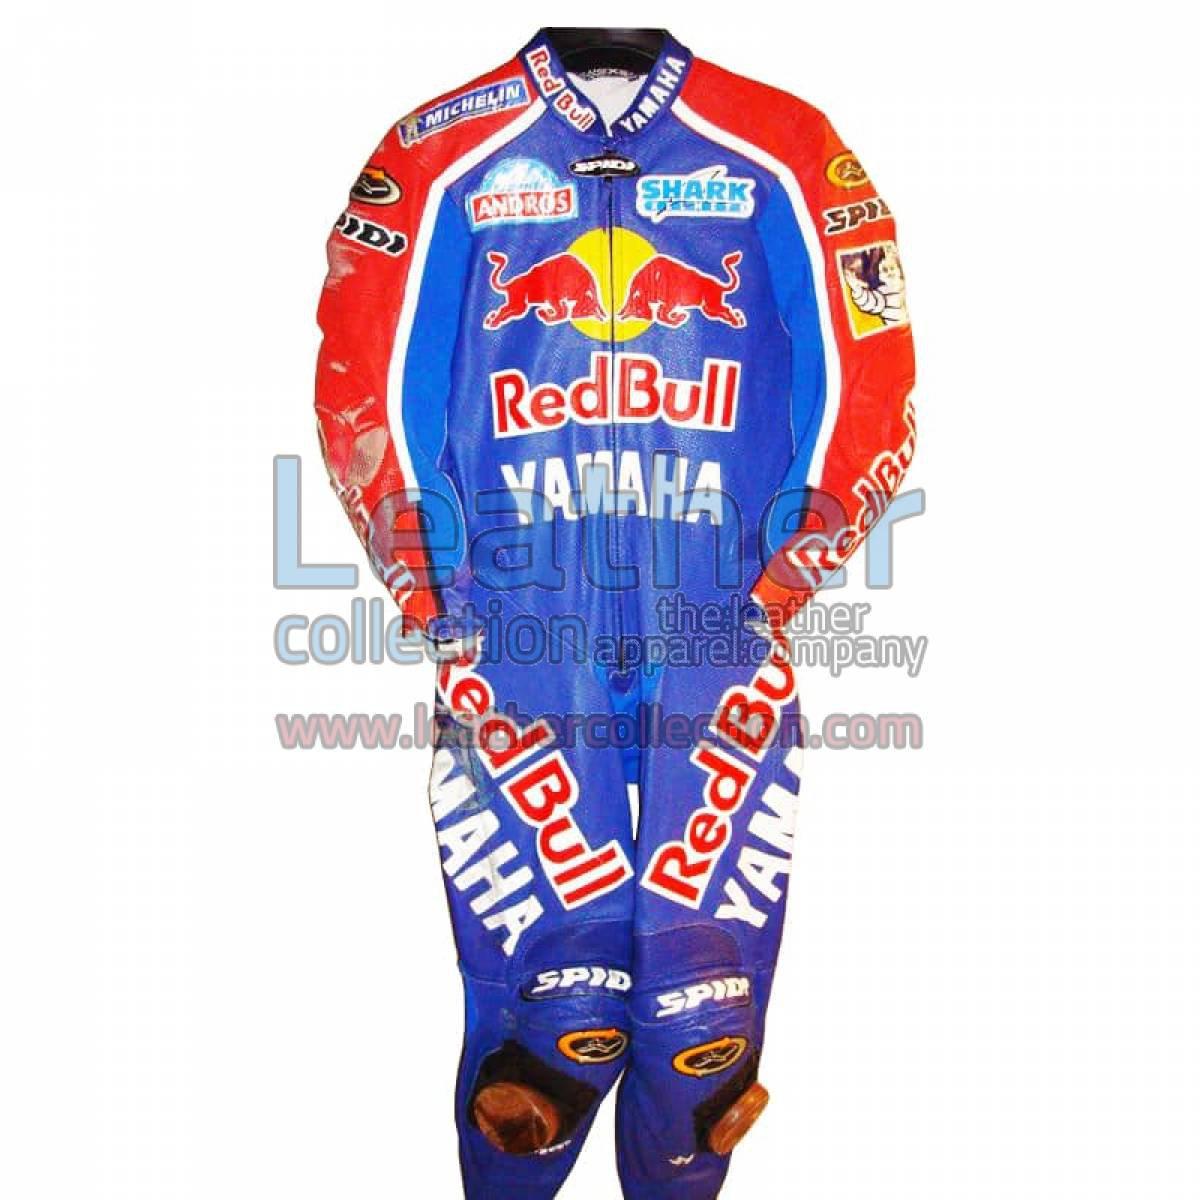 Régis Laconi Red Bull Yamaha GP 1999 Race Suit